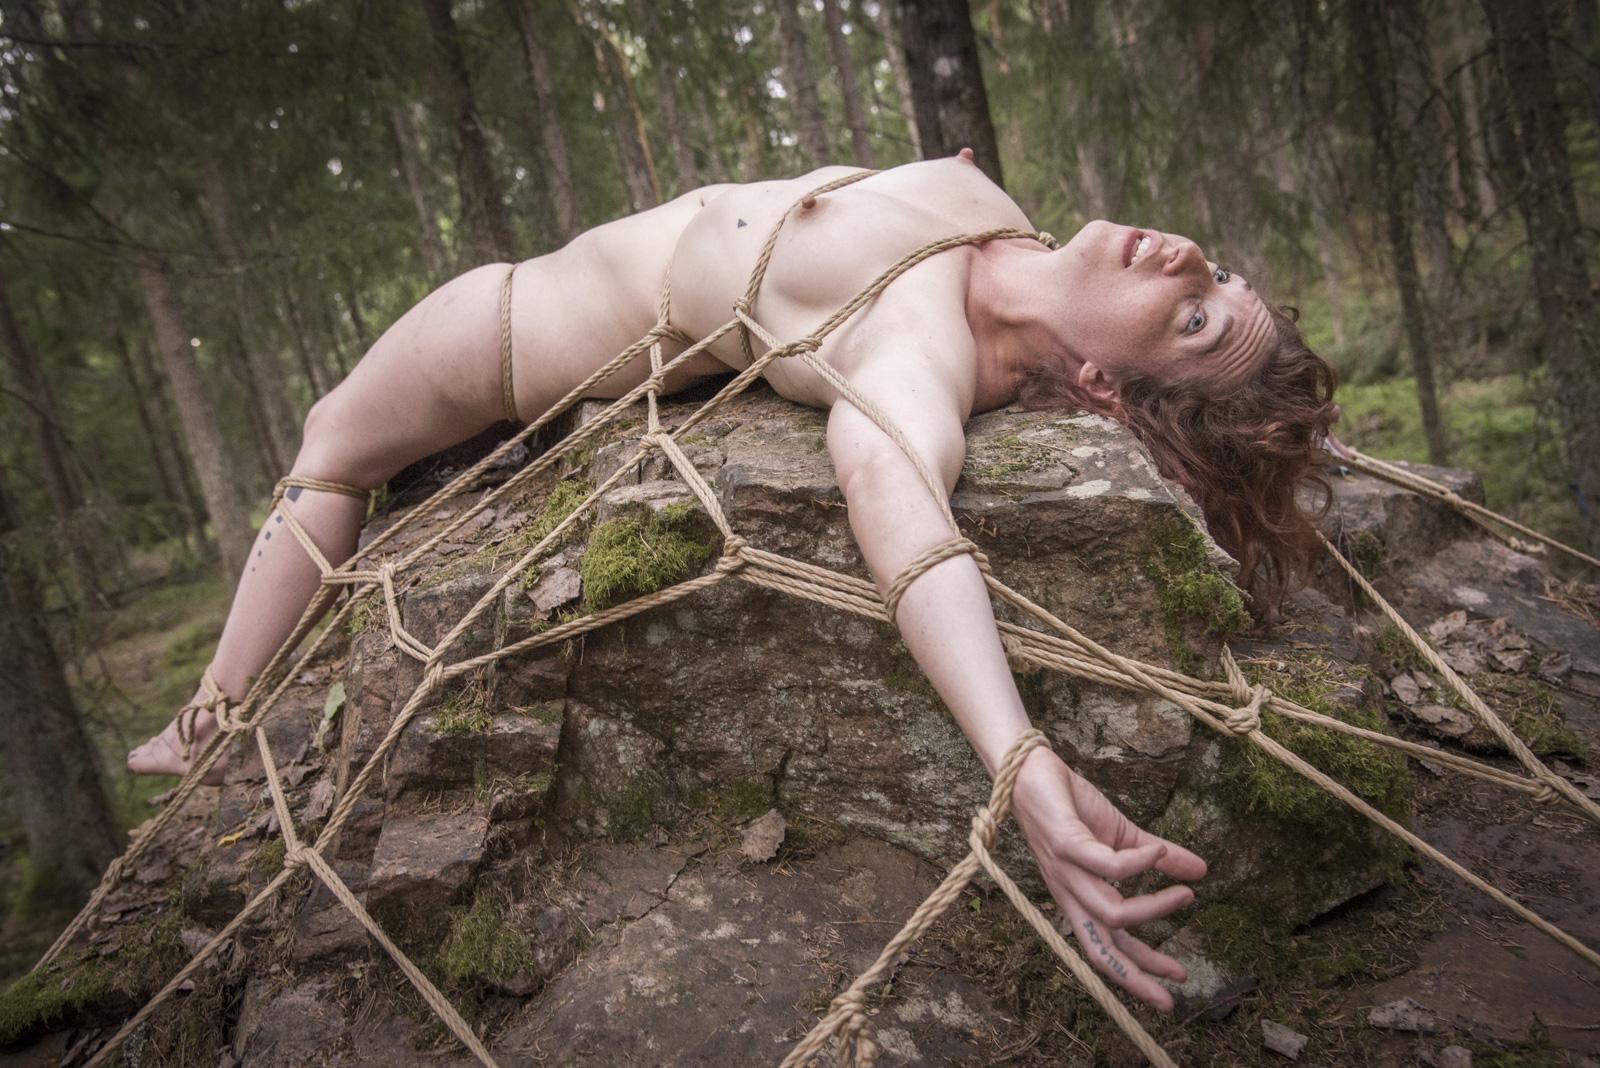 видео связанных в лесу тоже